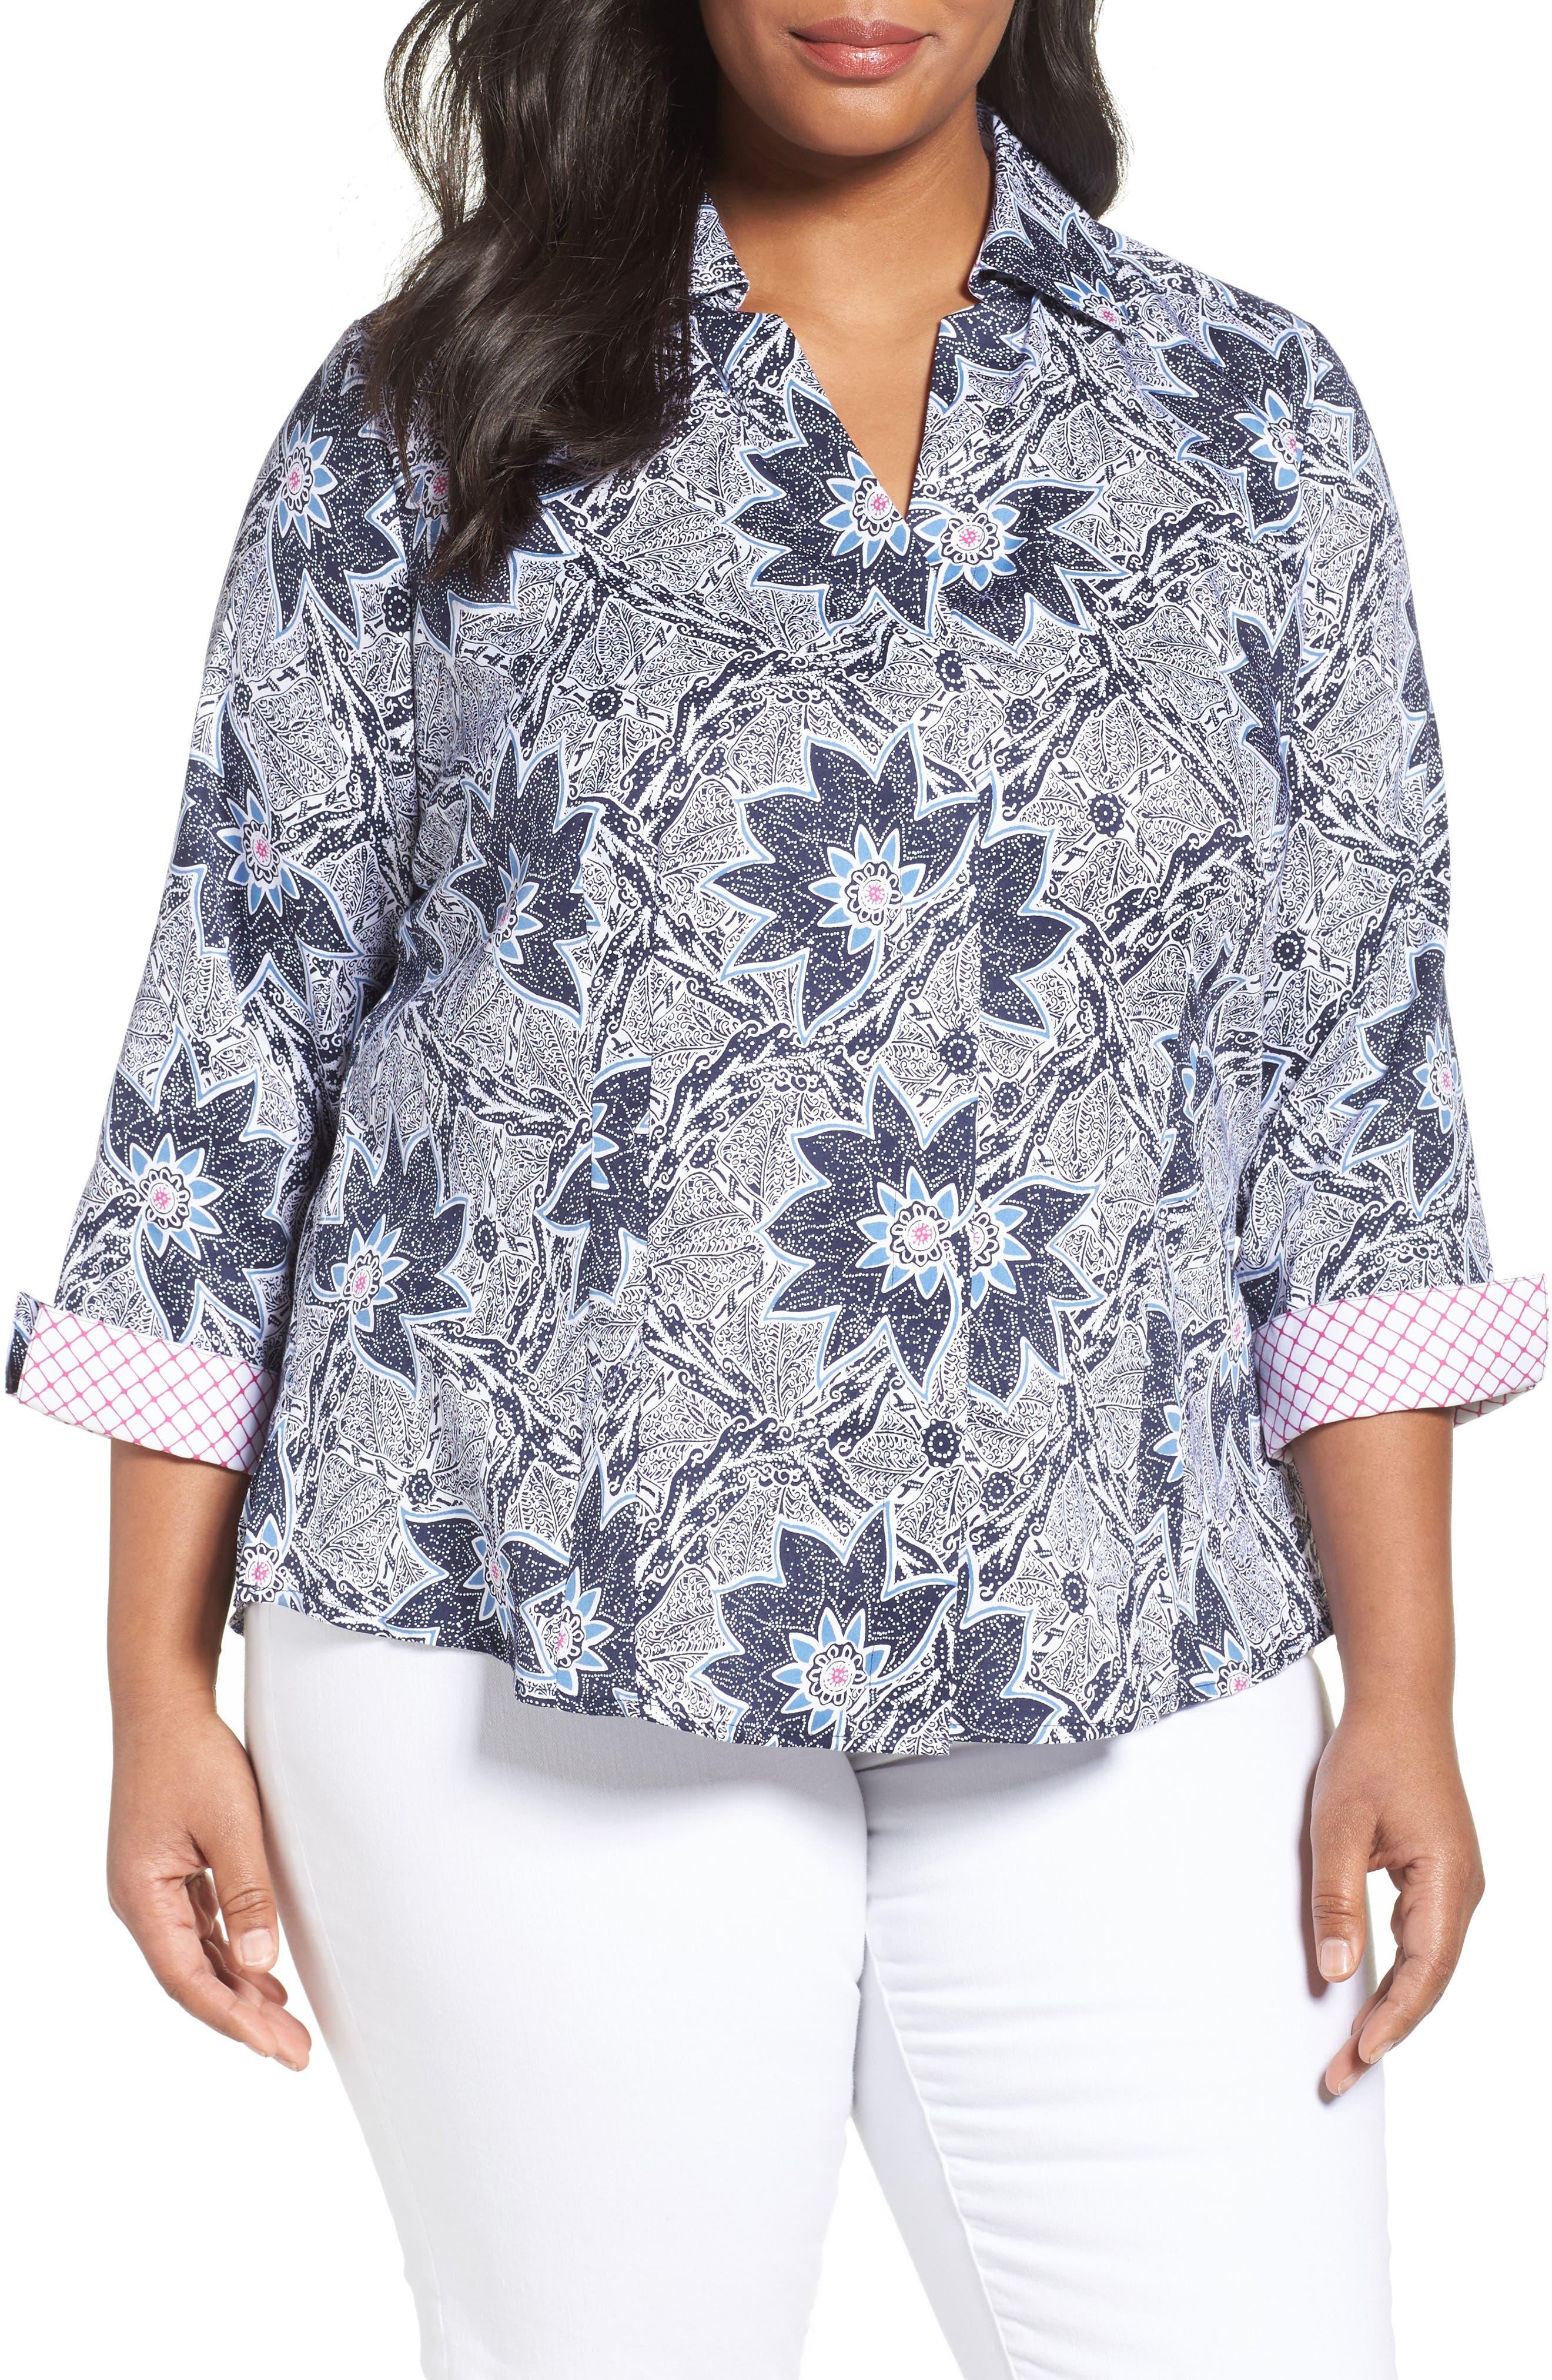 Foxcroft Taylor Non-Iron Print Cotton Shirt (Plus Size)